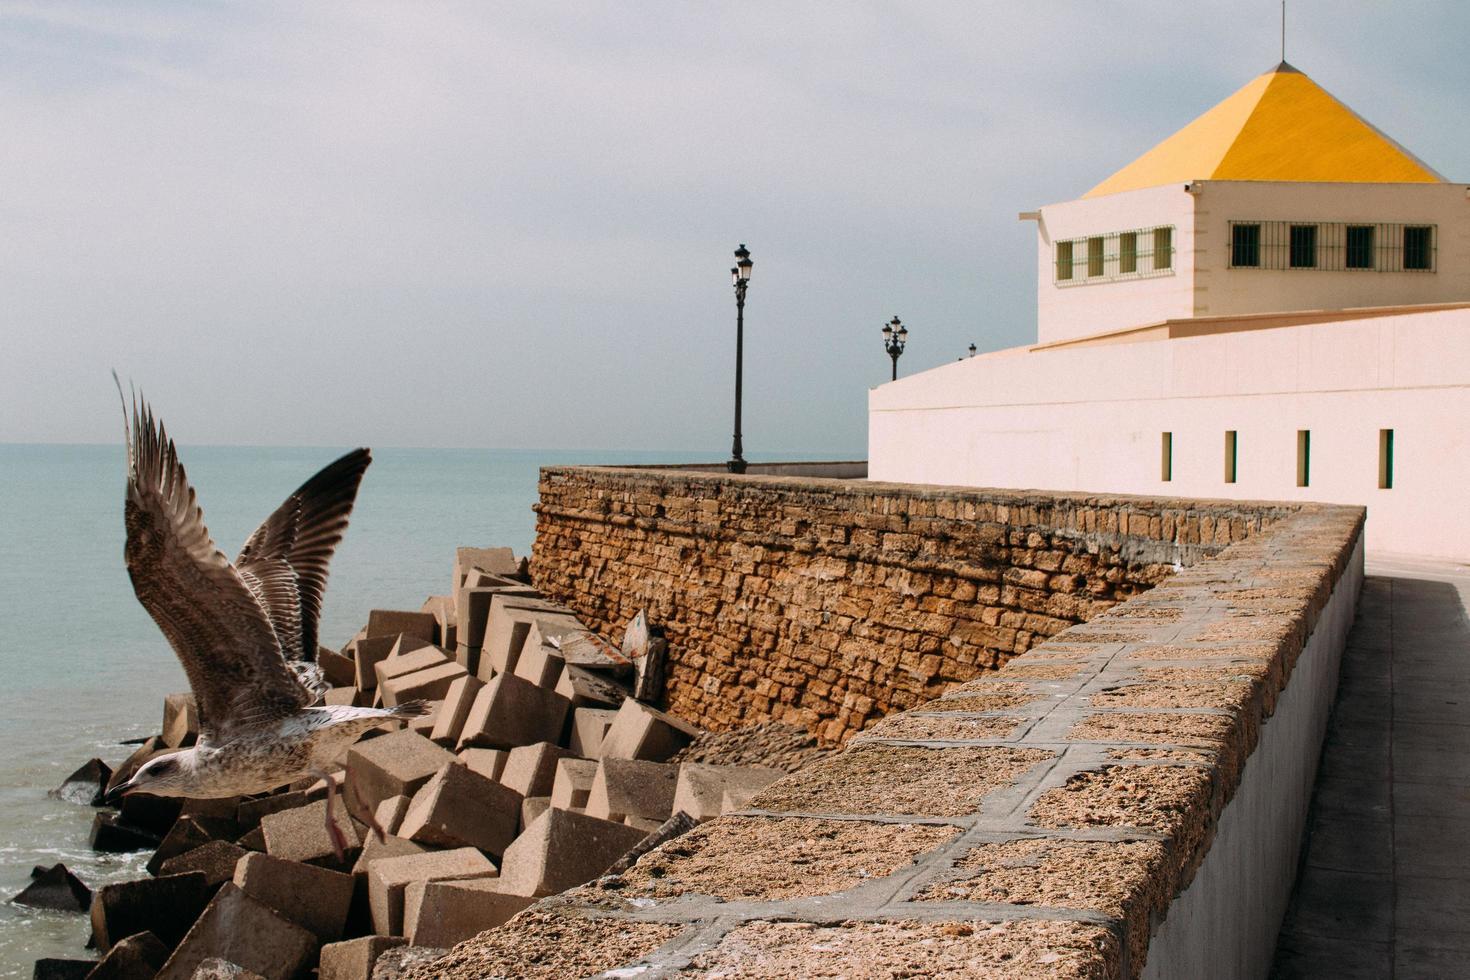 bâtiment à côté de la mer photo